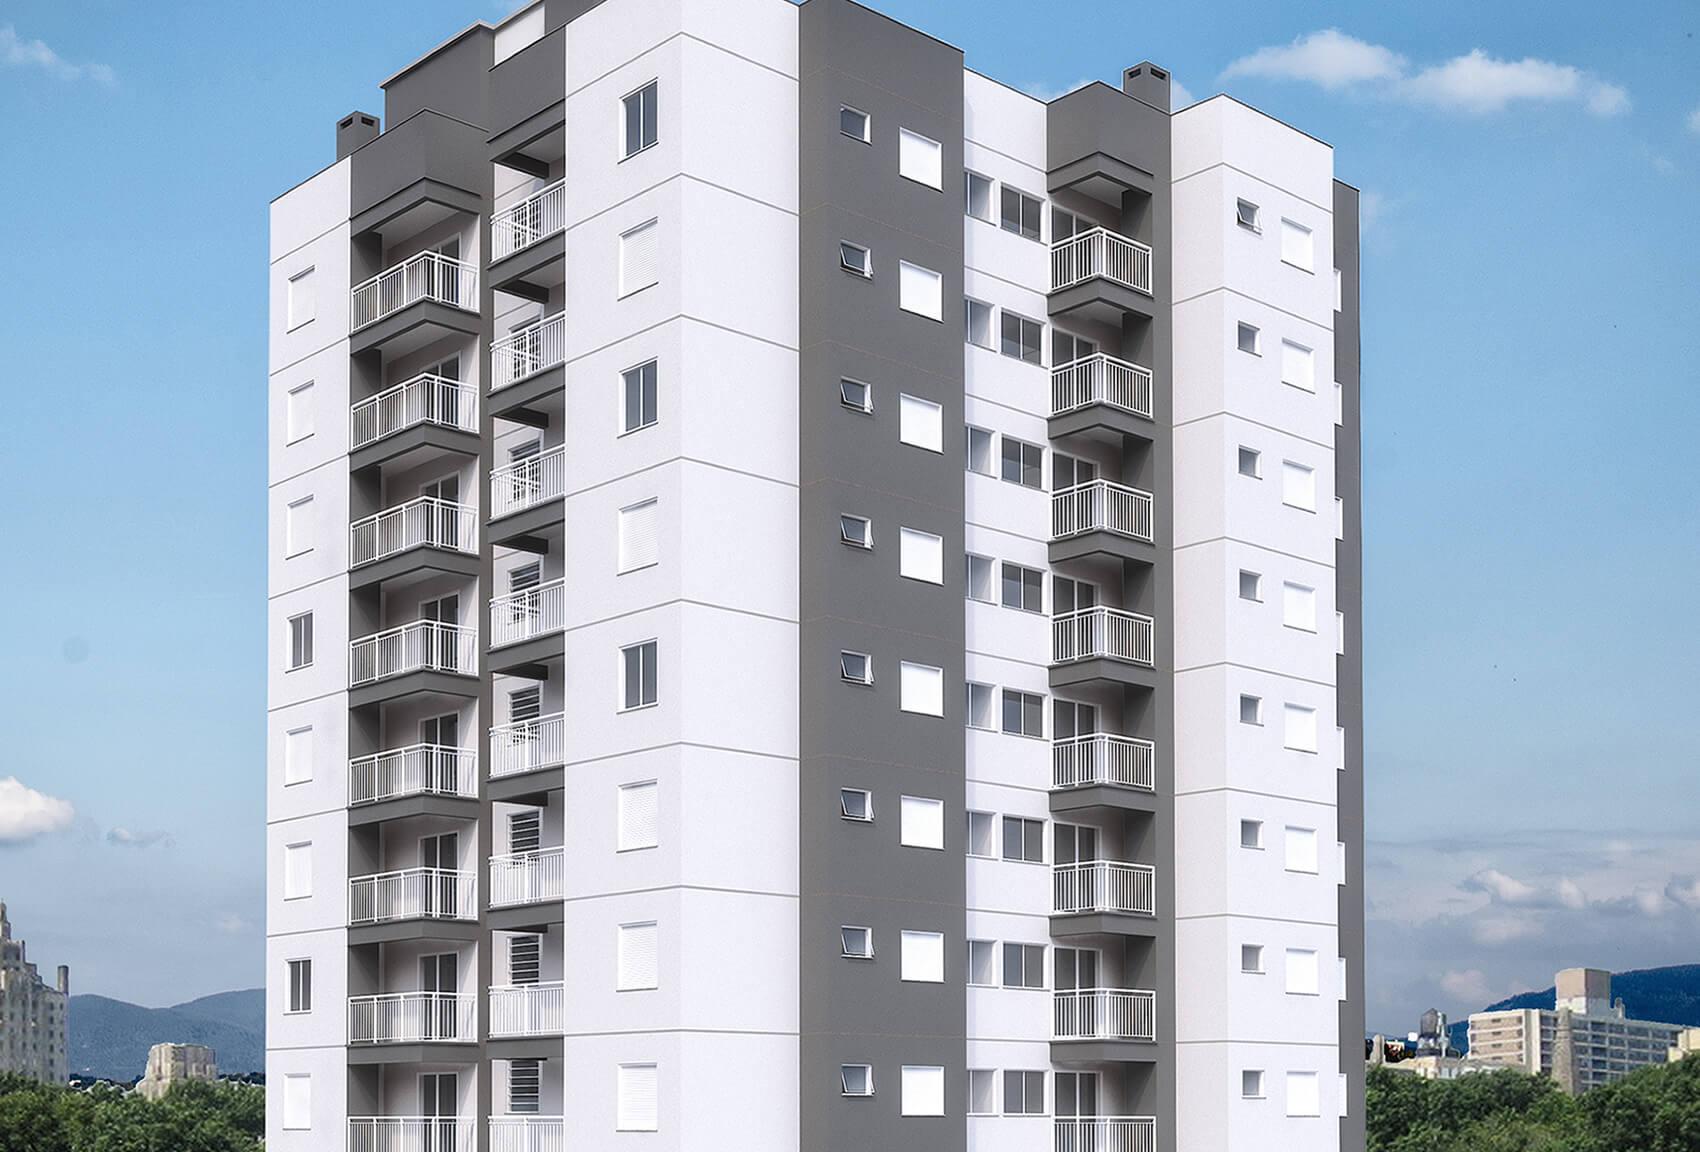 Edificio Residencial Ideal Fachada Destaque em Novo Hamburgo - G Ghem Engenharia